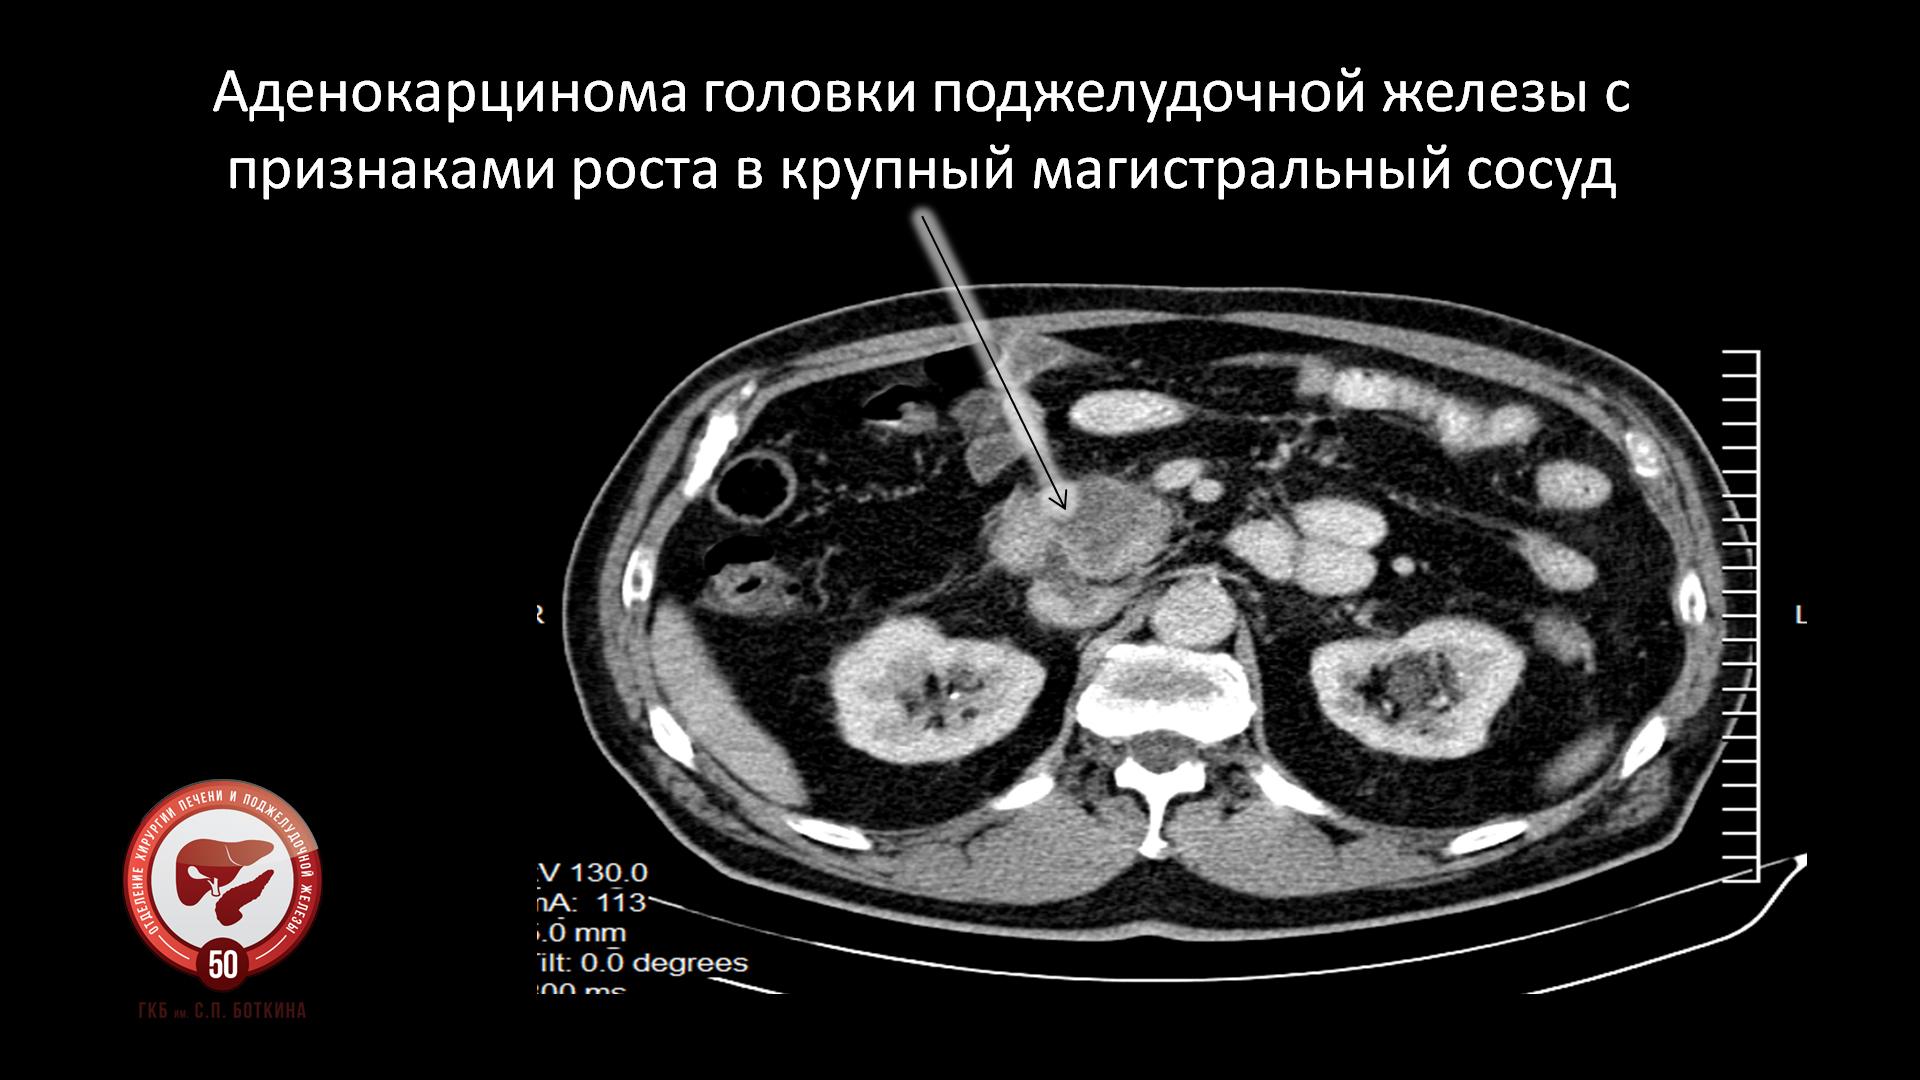 Брянск детская областная больница врачи